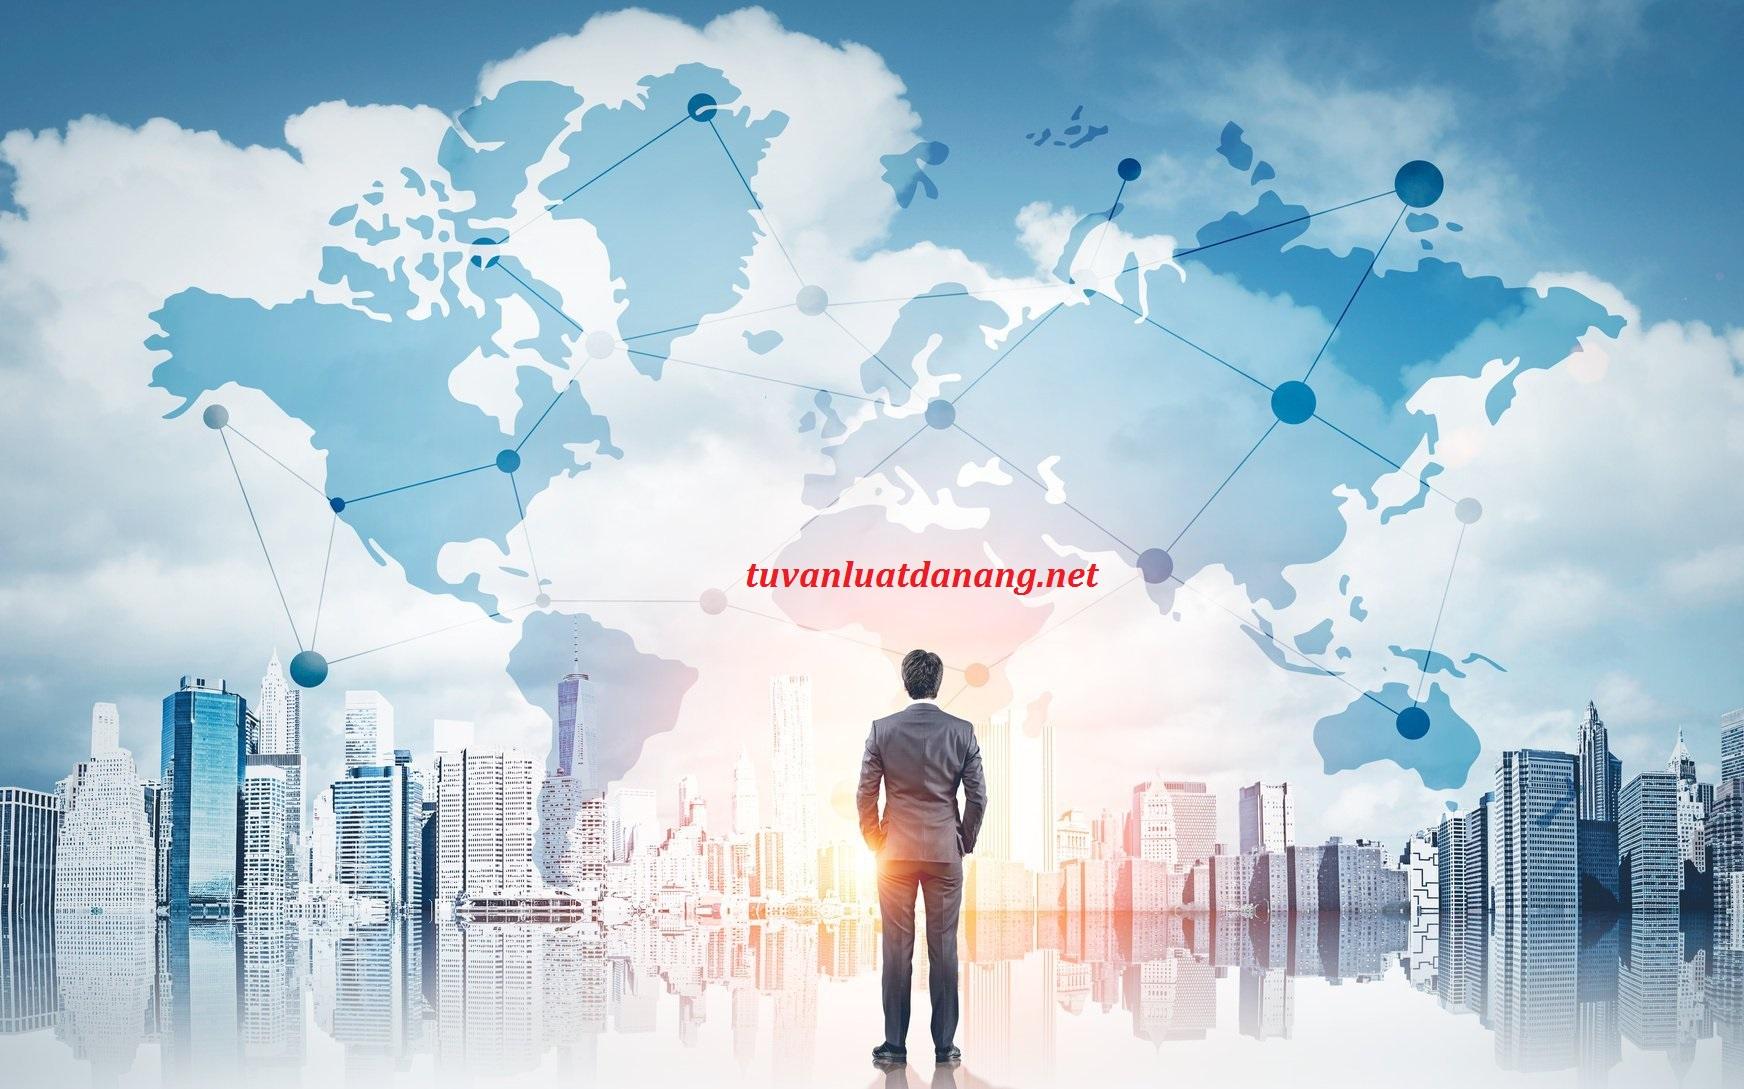 Tư vấn thay đổi đăng ký kinh doanh công ty có vốn đầu tư nước ngoài tại Đà Nẵng